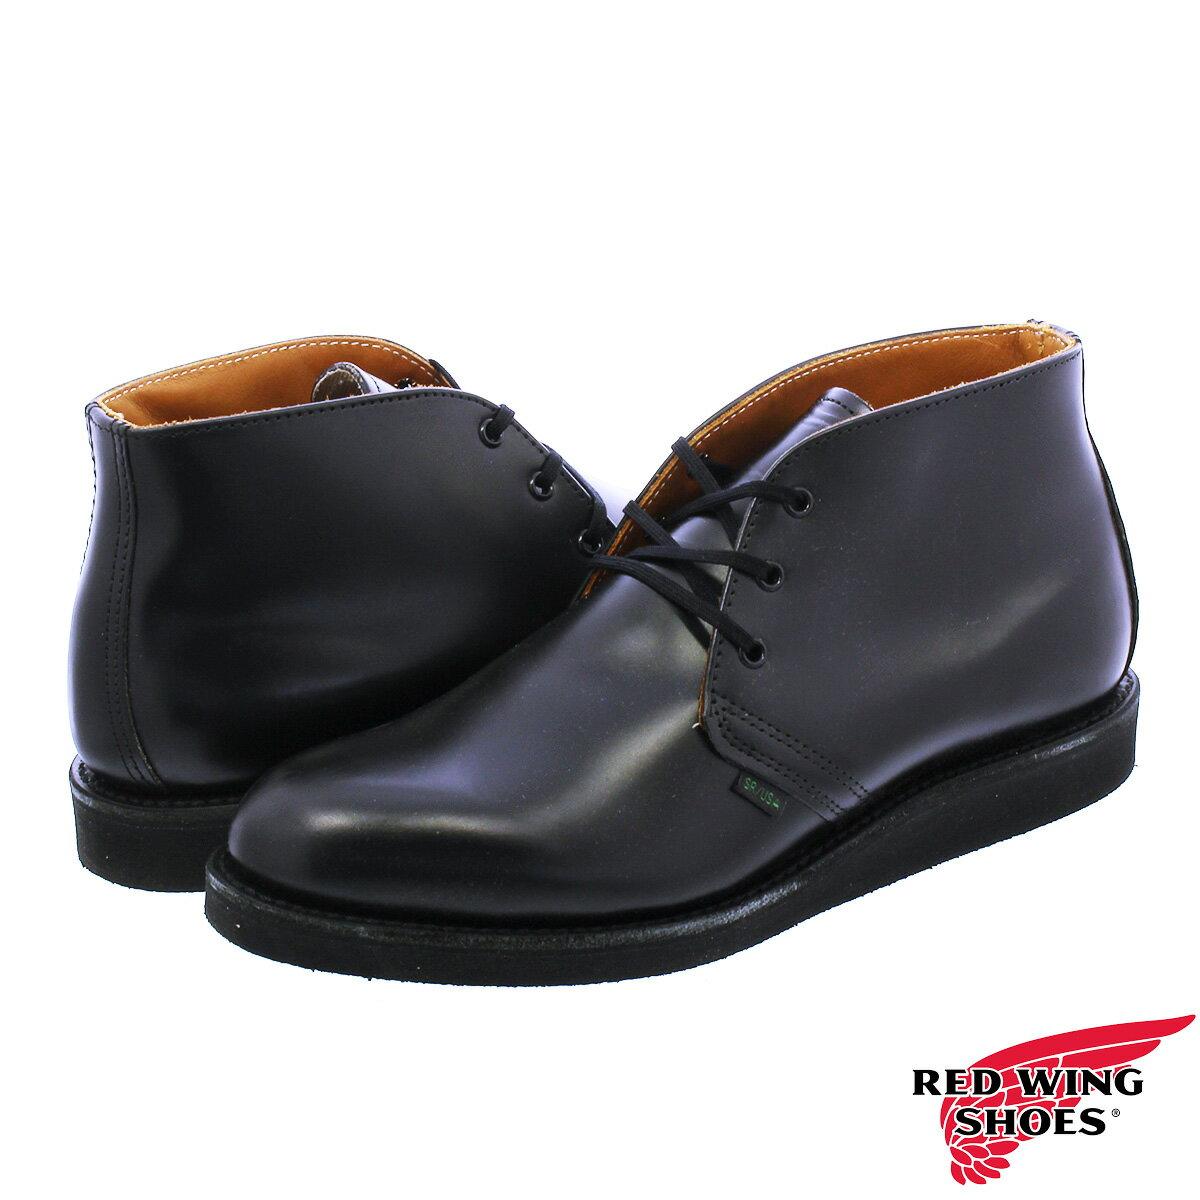 【送料無料】RED WING 9196 POSTMAN BOOT CHUKKA 【MADE IN U.S.A.】 レッドウイング ポストマン ブーツ チャッカ BLACK 【Dワイズ】